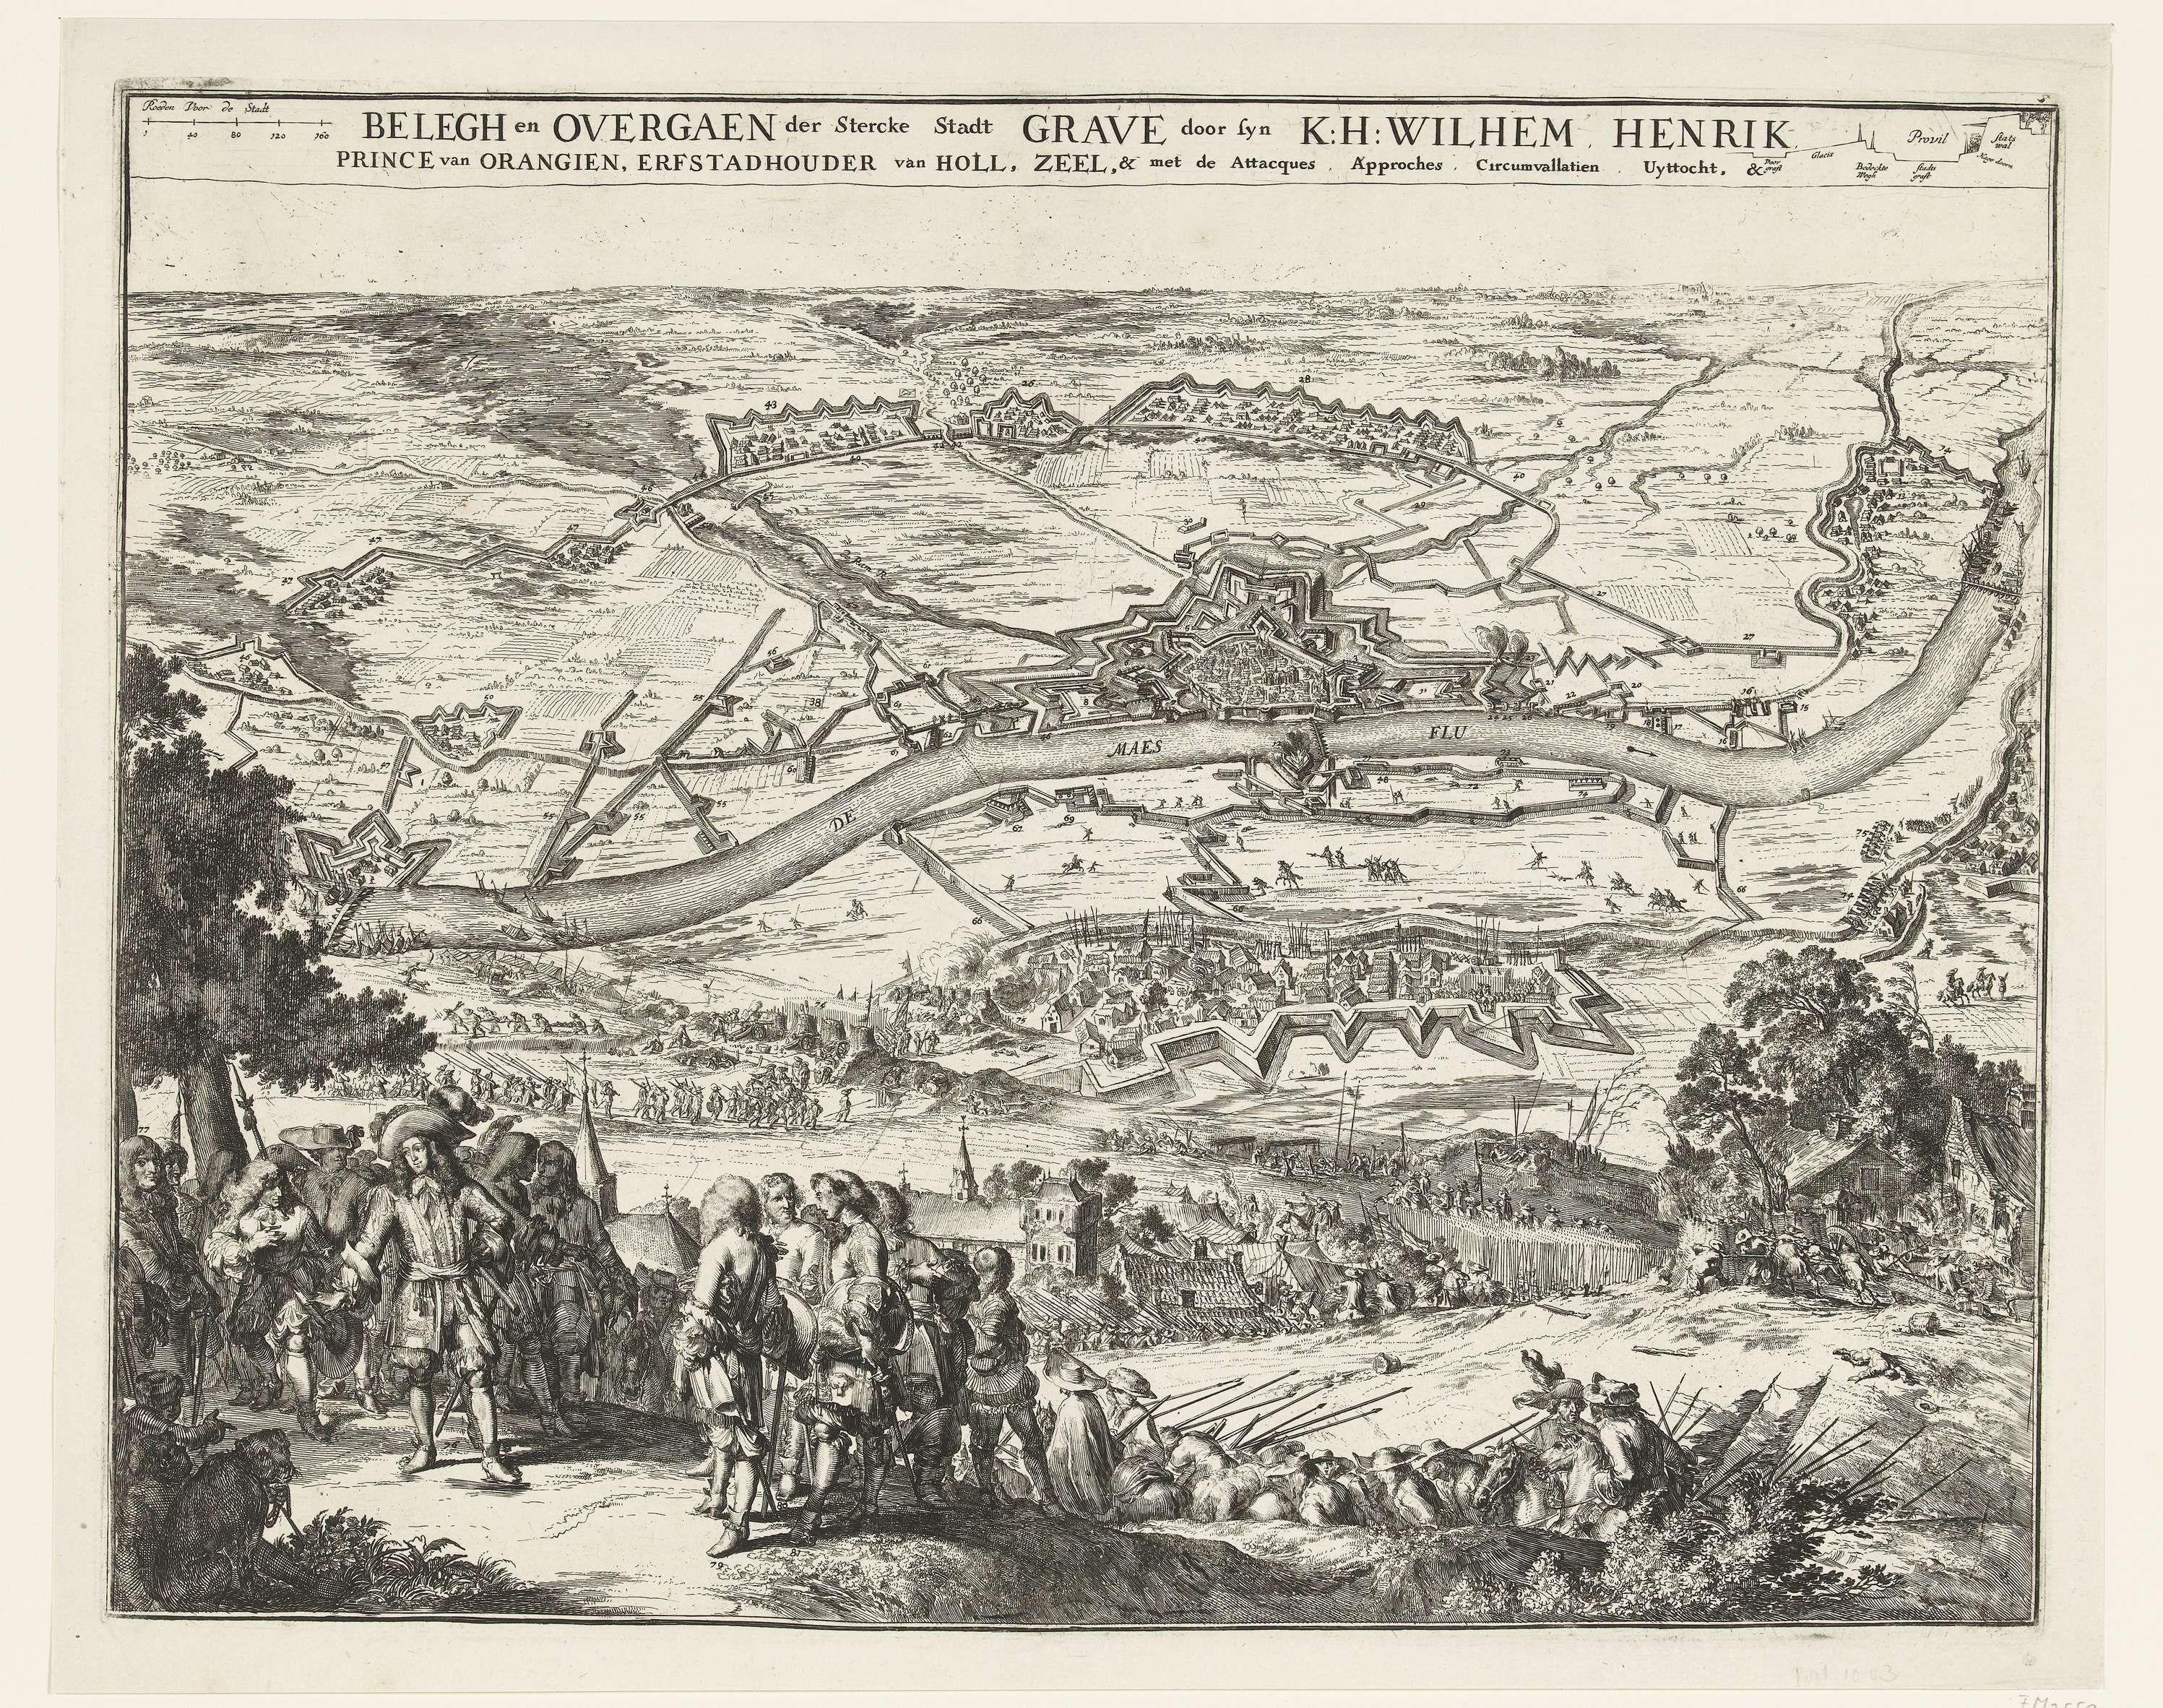 anoniem | Beleg en verovering van Grave door Willem III, 1674, attributed to Romeyn de Hooghe, 1674 | Beleg en verovering van Grave door Willem III, 25 juli tot 29 oktober 1674. Hoofdvoorstelling met een gezicht op de belegerde stad Grave aan de rivier de Maas en de posities van de belegerende troepen. Op de voorgrond Willem III met zijn staf.